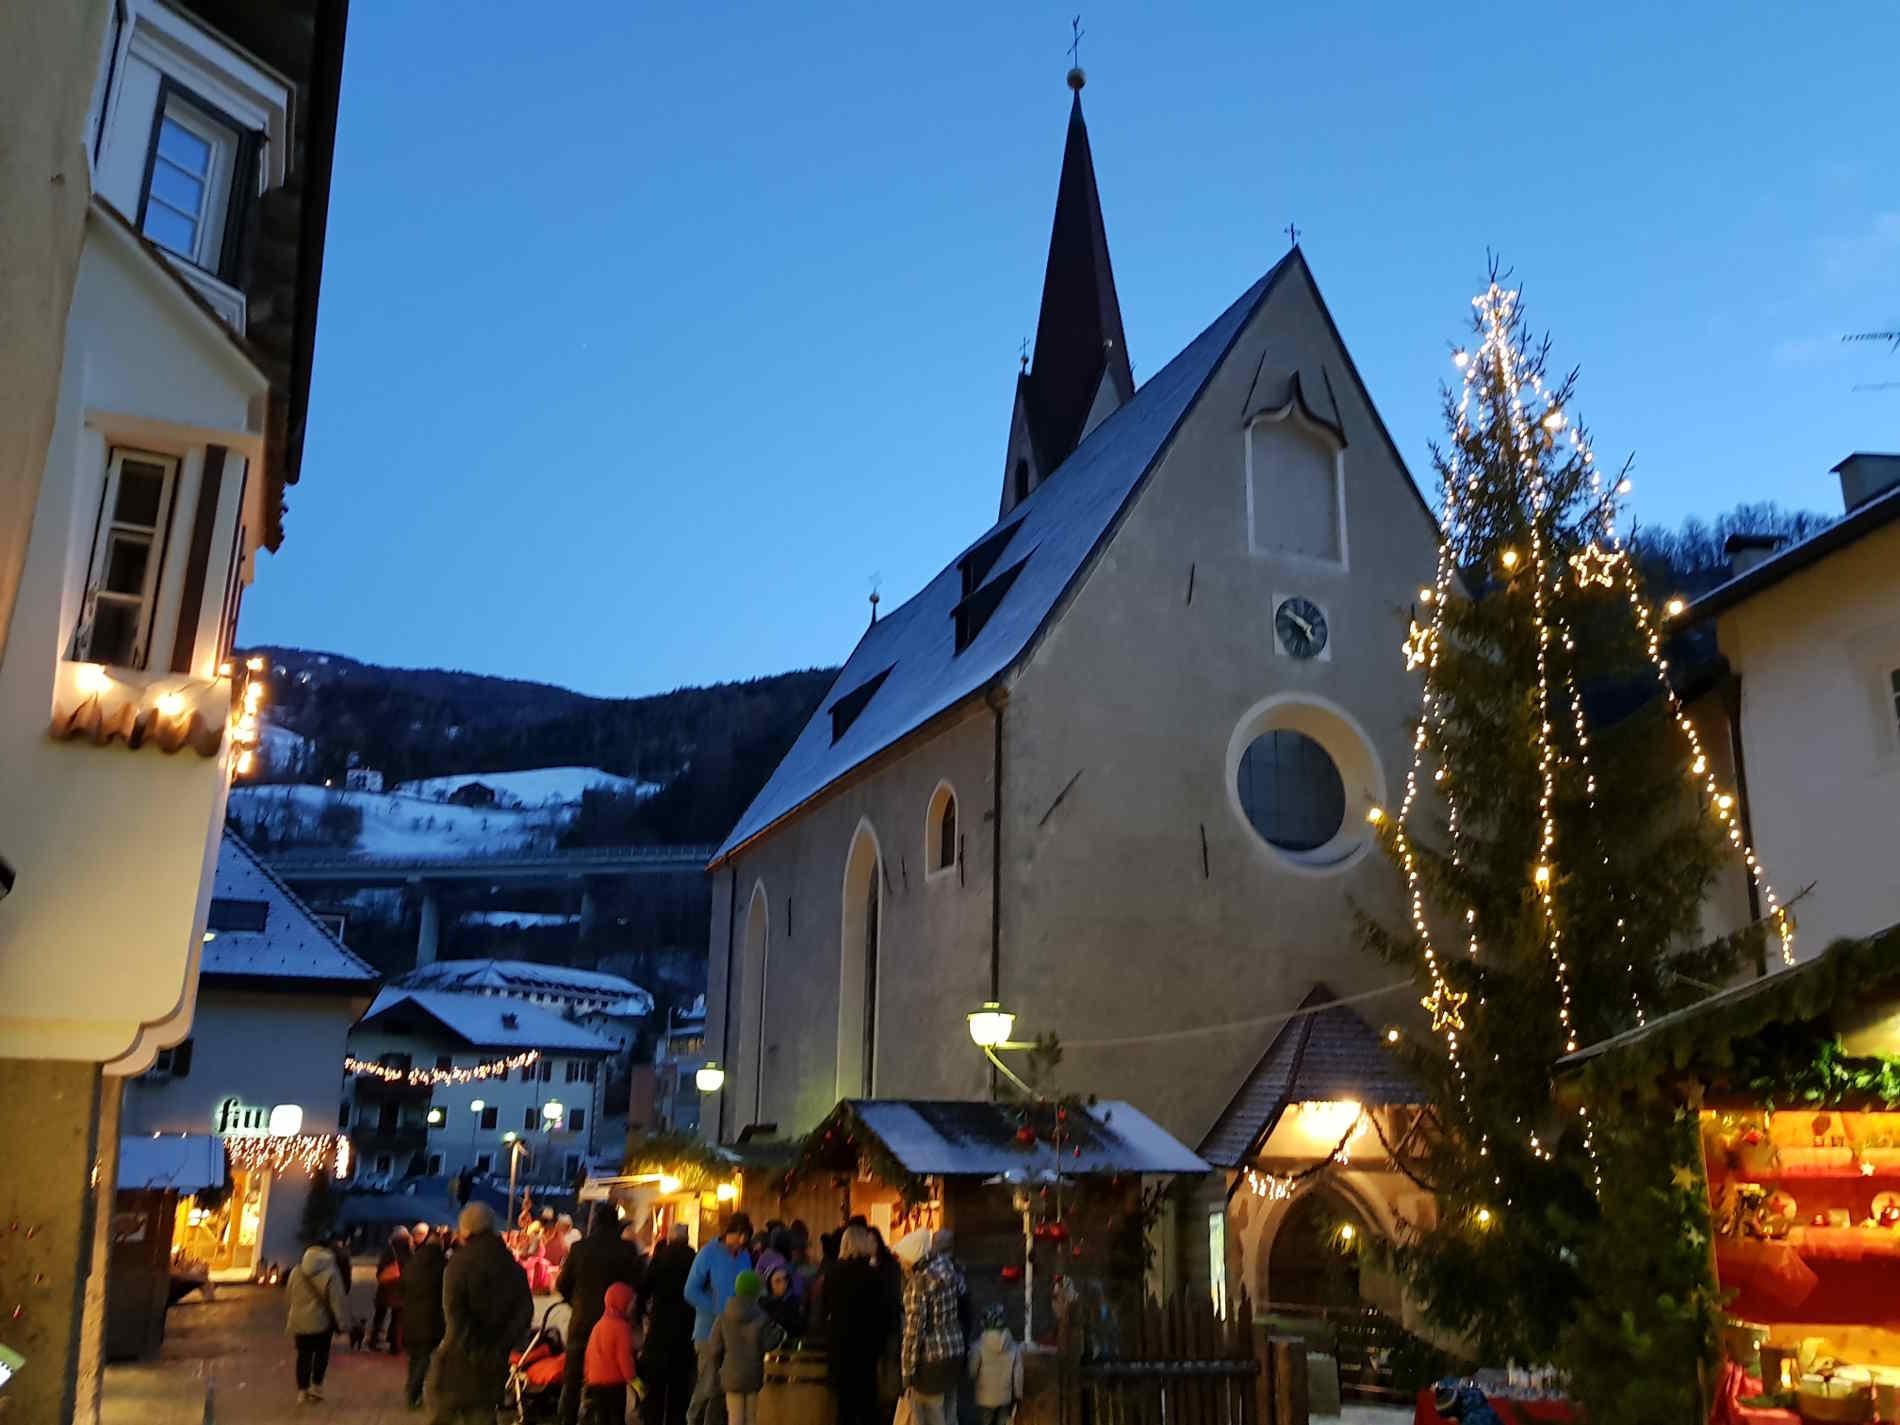 Mercatini di Natale in Alto Adige a Chiusa